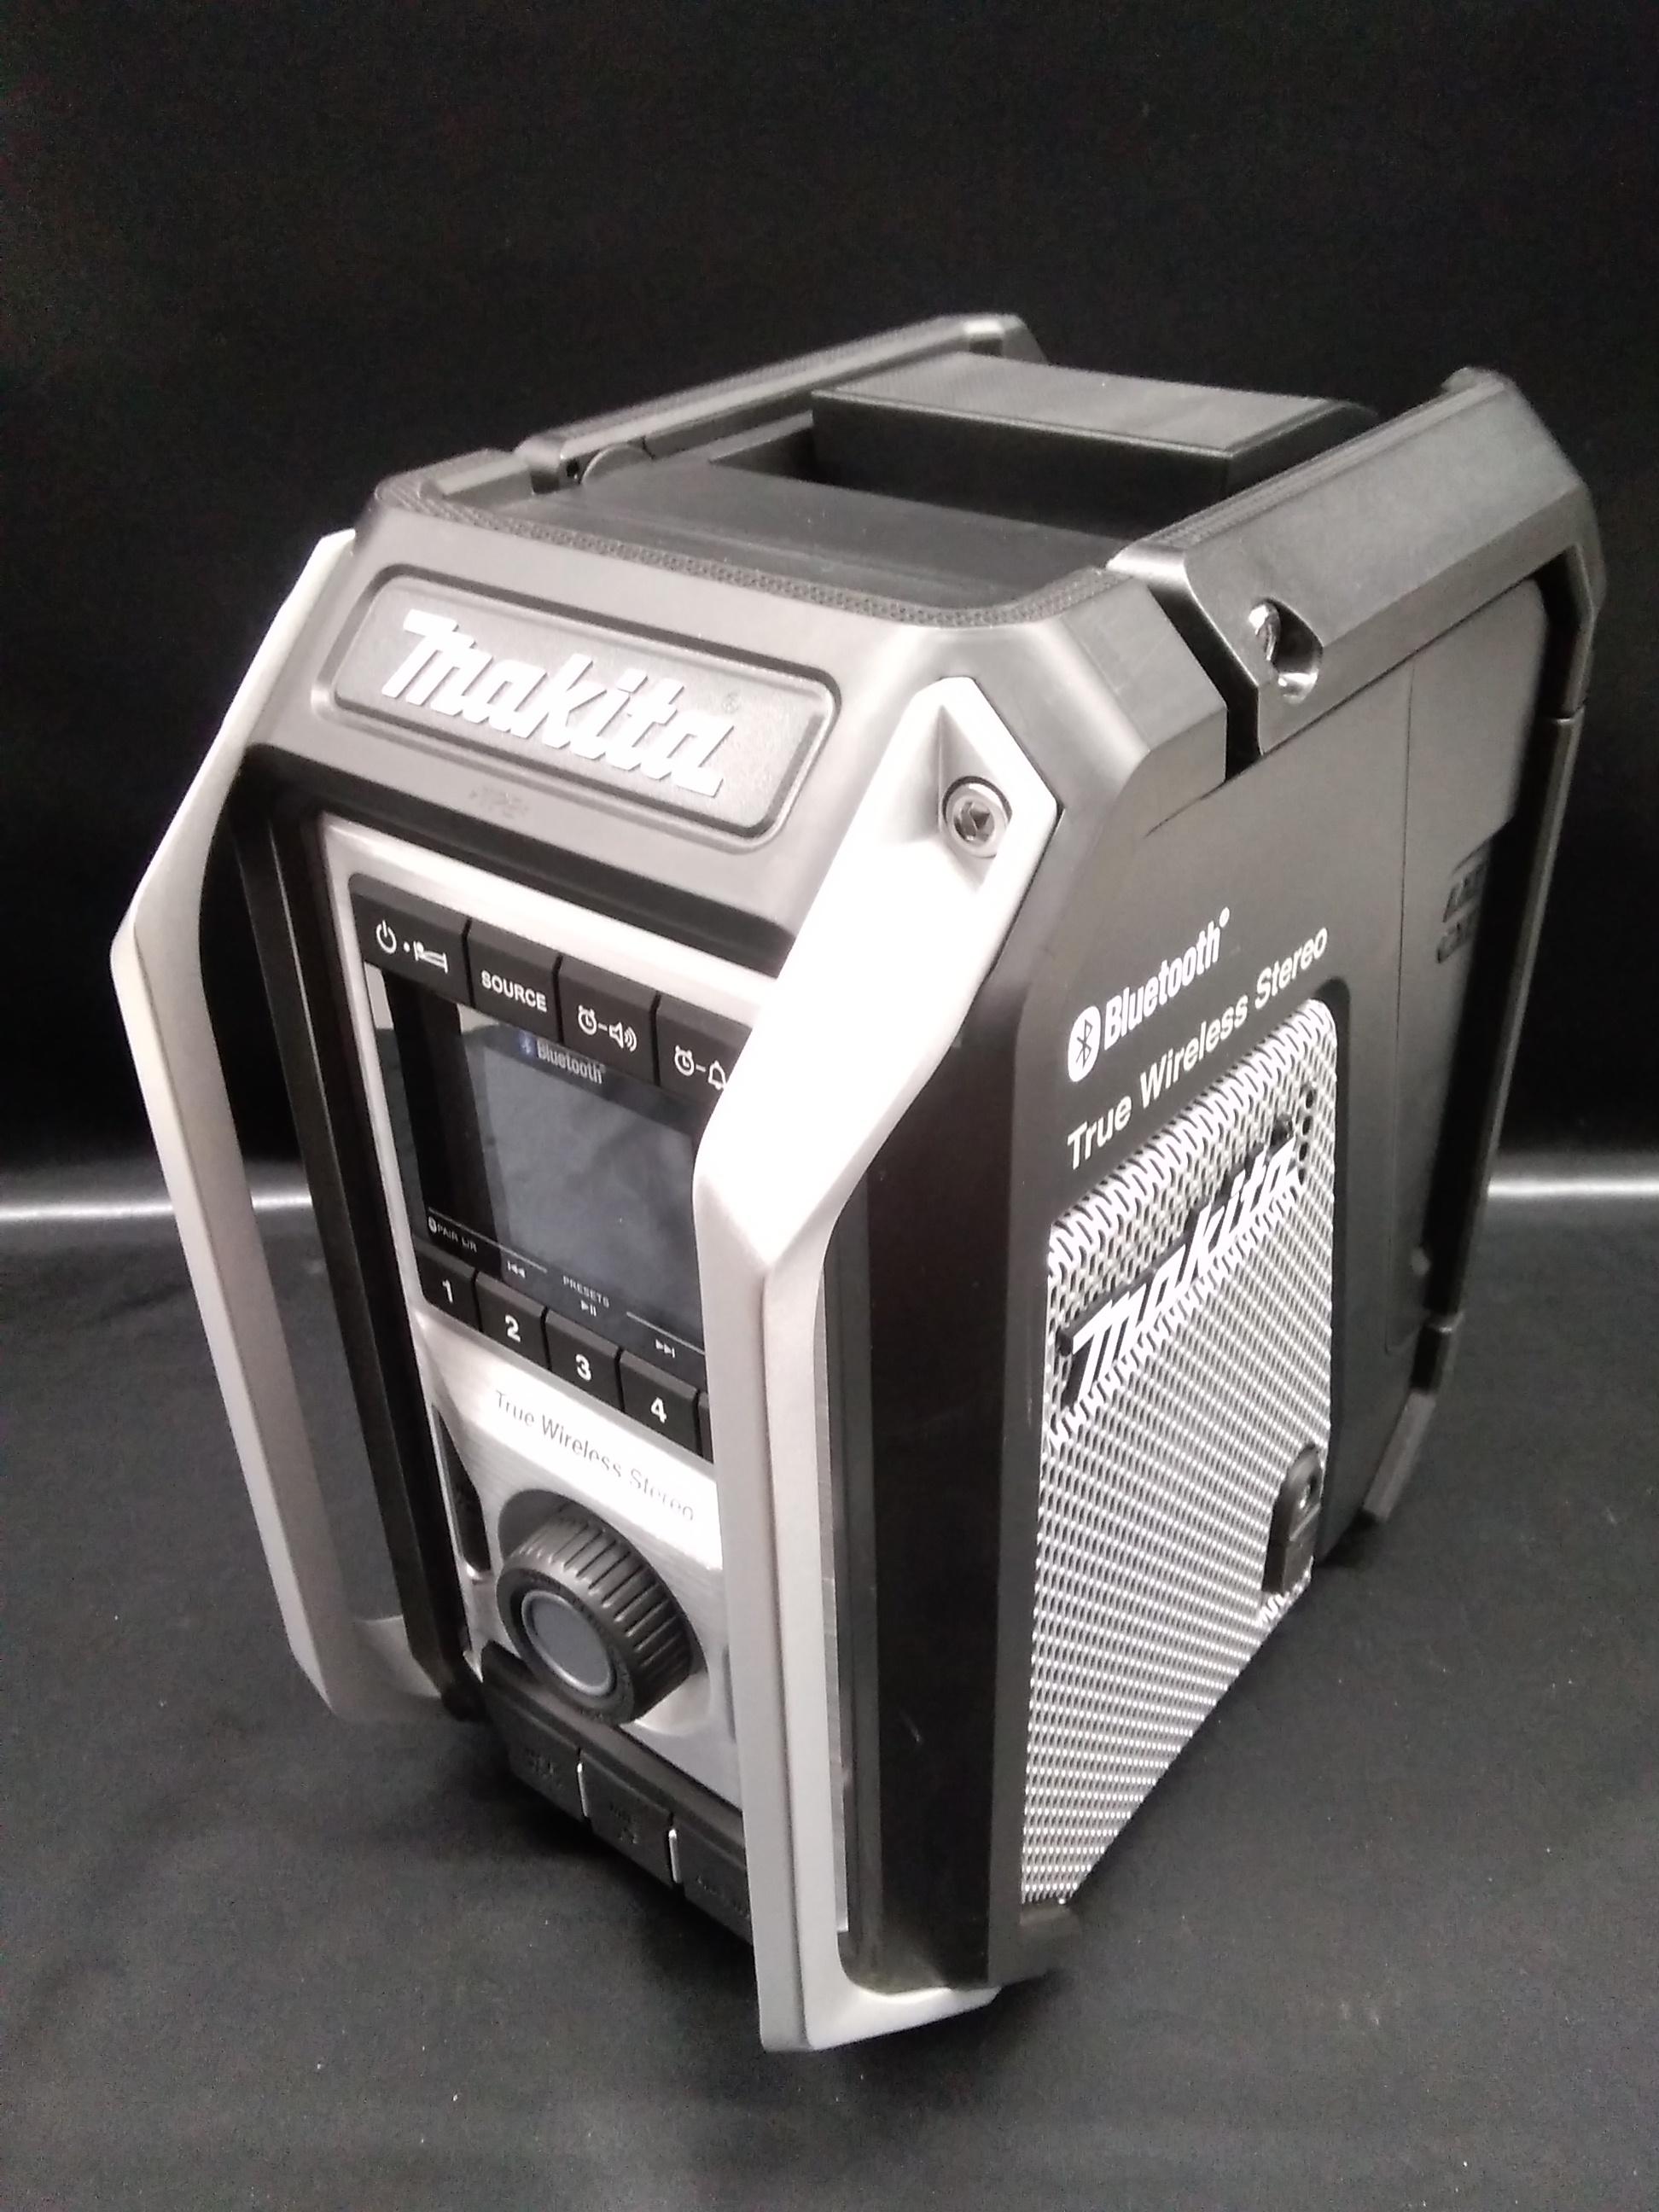 充電器だ、ラジオだ、マイクスピーカーだ、BTスピーカーだ! MAKITA